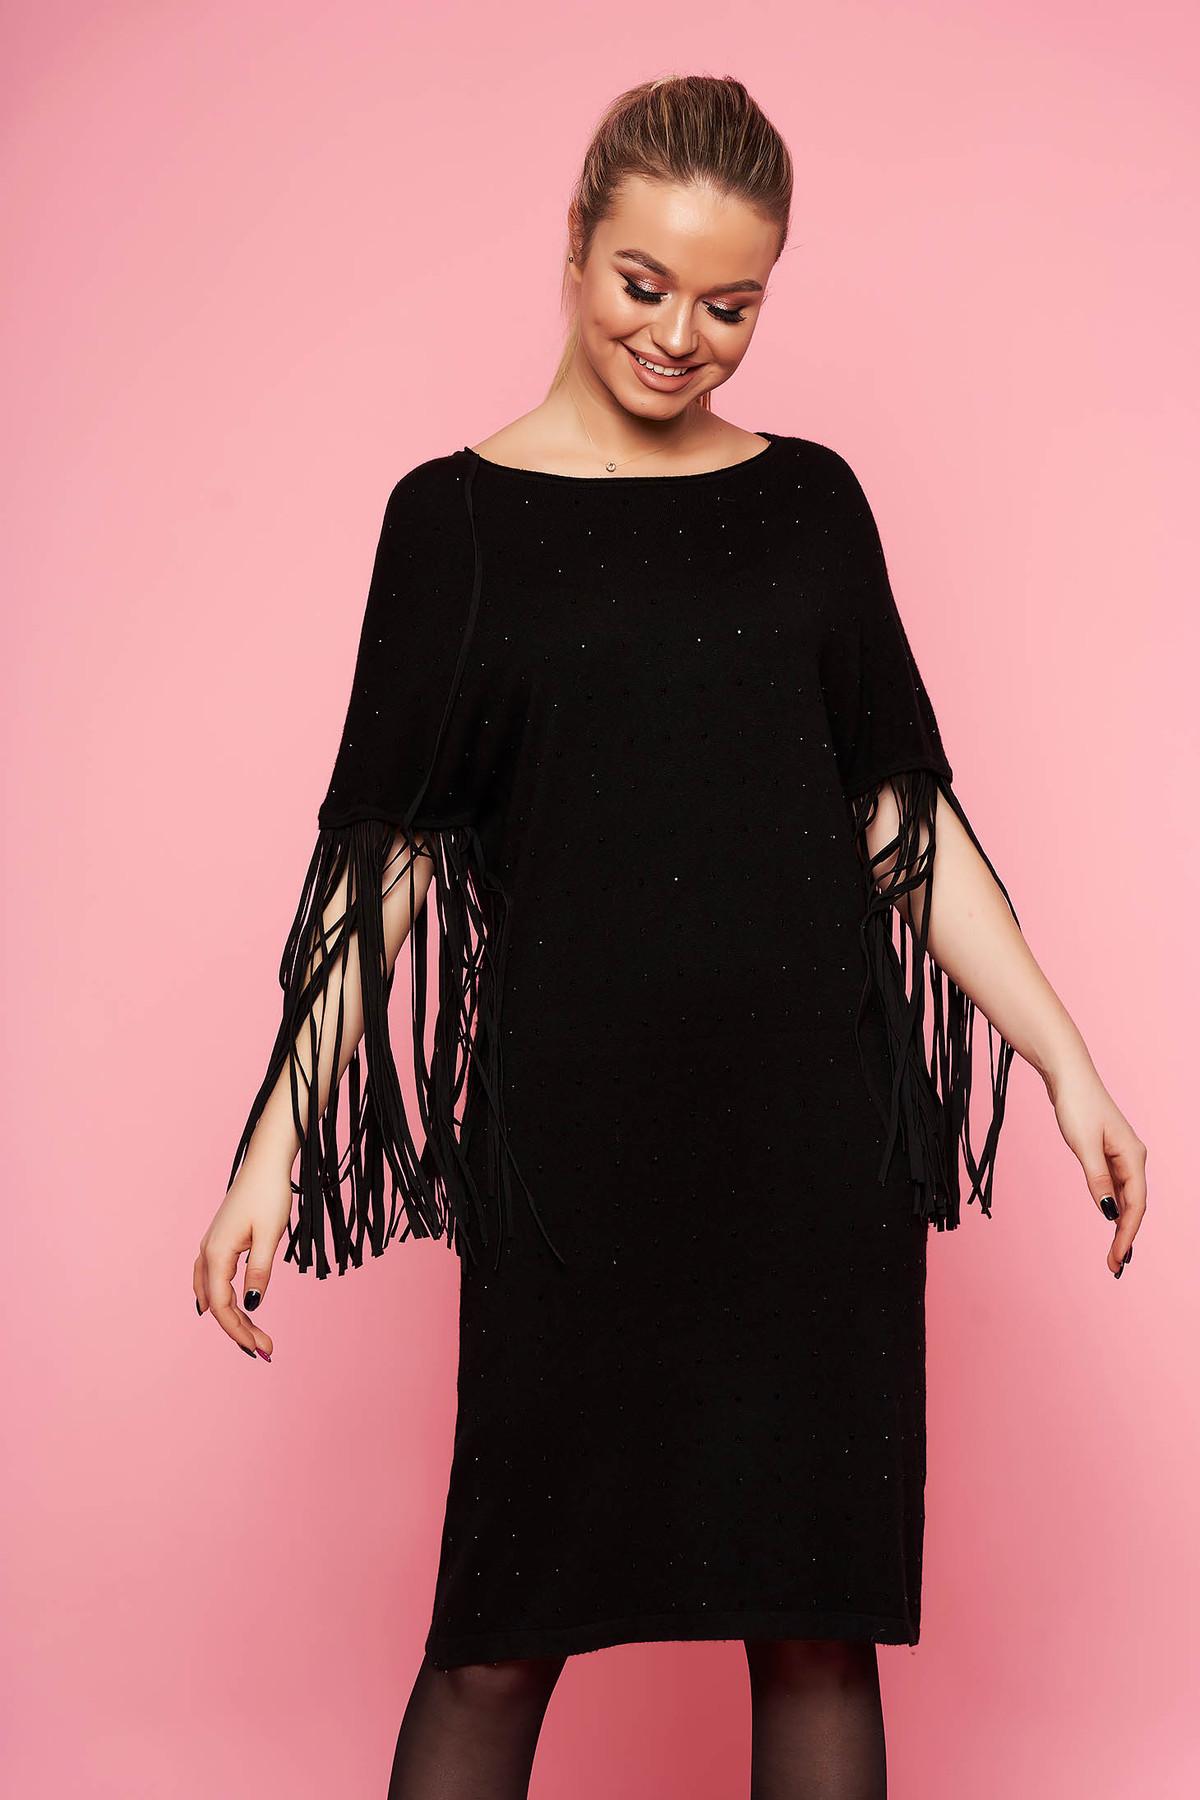 Rochie SunShine neagra eleganta tricotata cu croi larg fara captuseala cu maneci trei-sferturi cu franjuri si aplicatii cu pietre strass